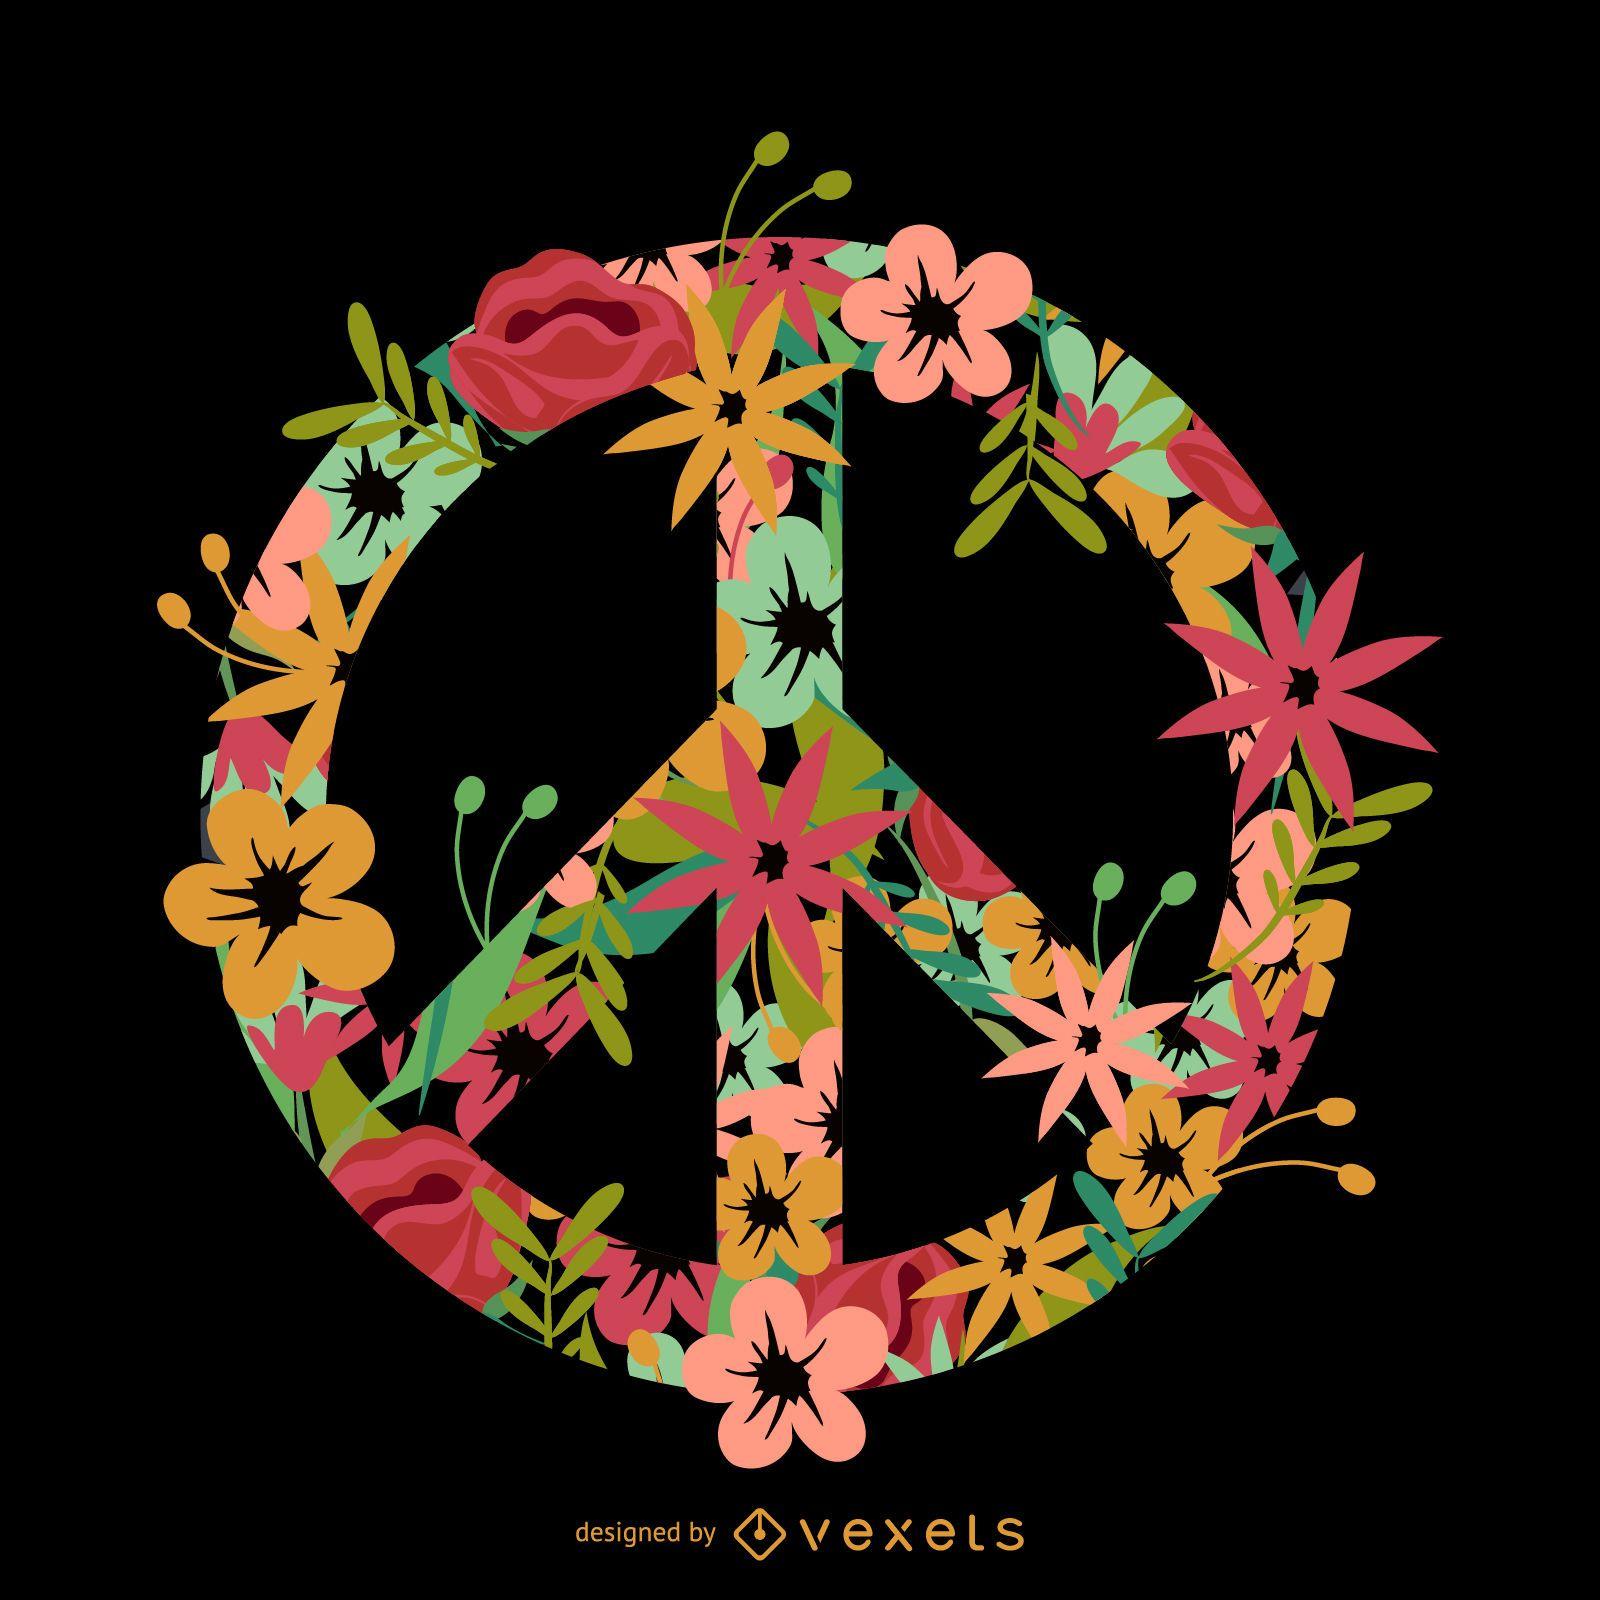 Símbolo de paz incrustado flor